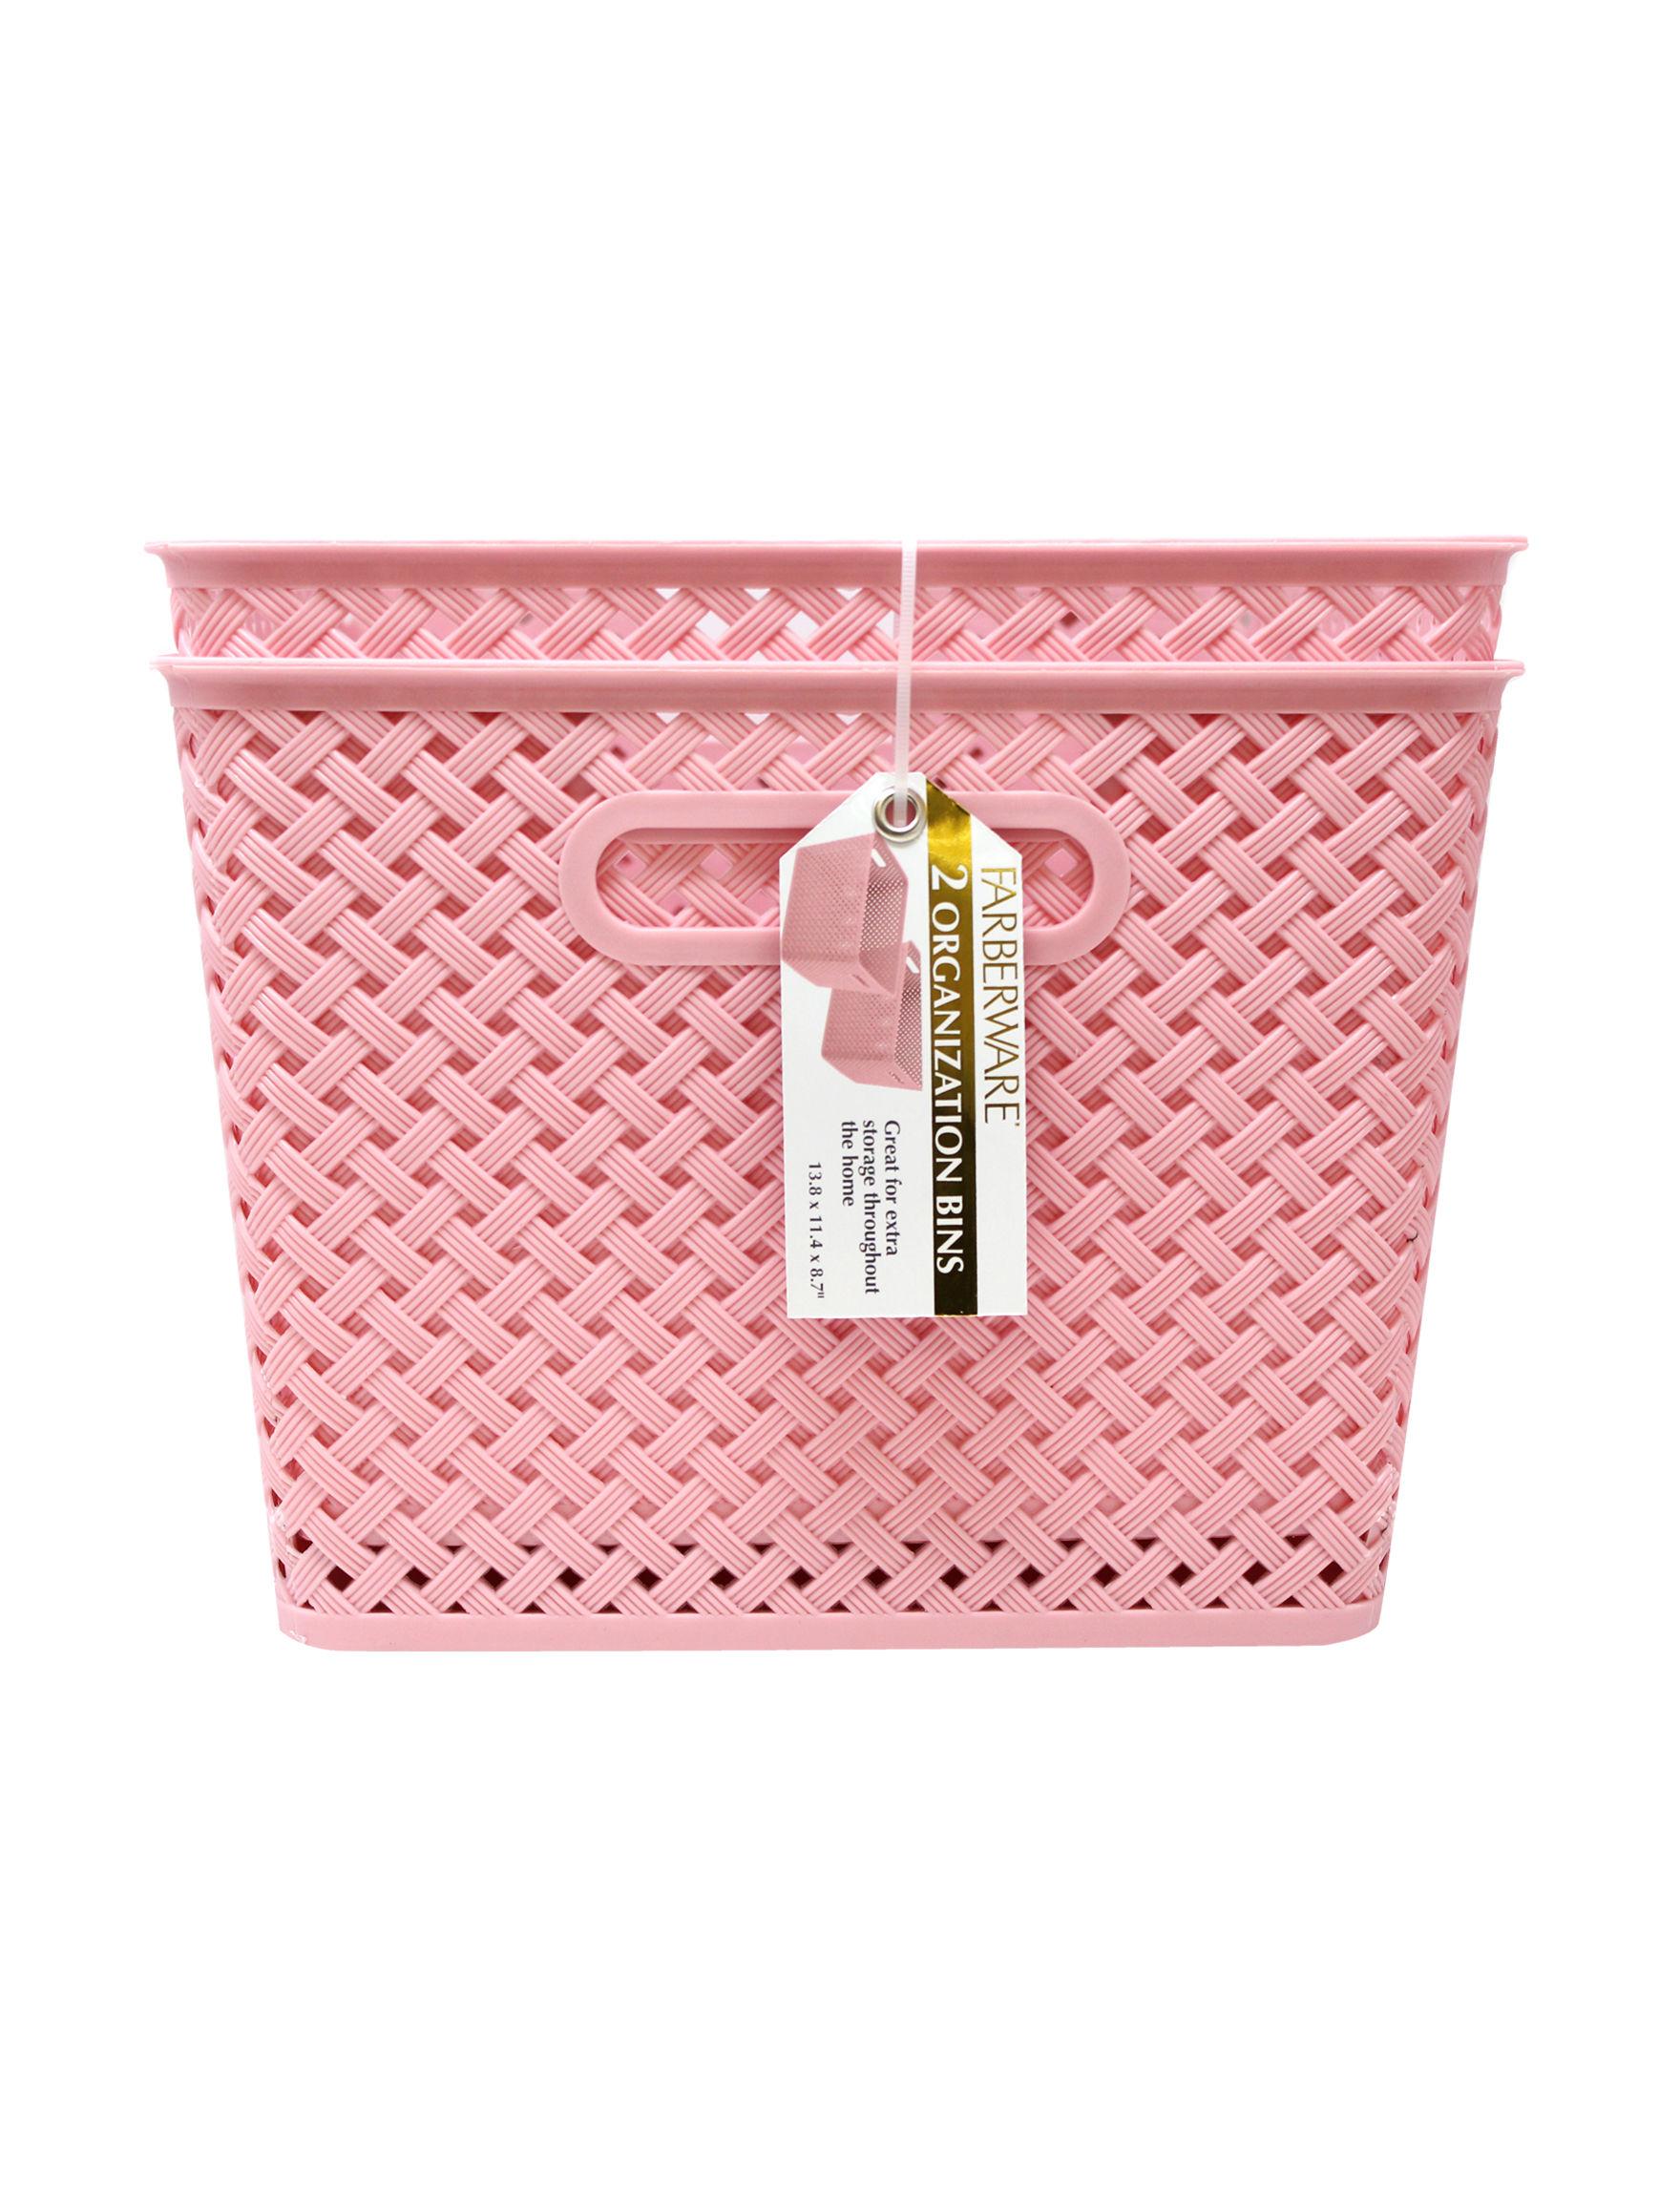 Farberware Pink Baskets Storage & Organization